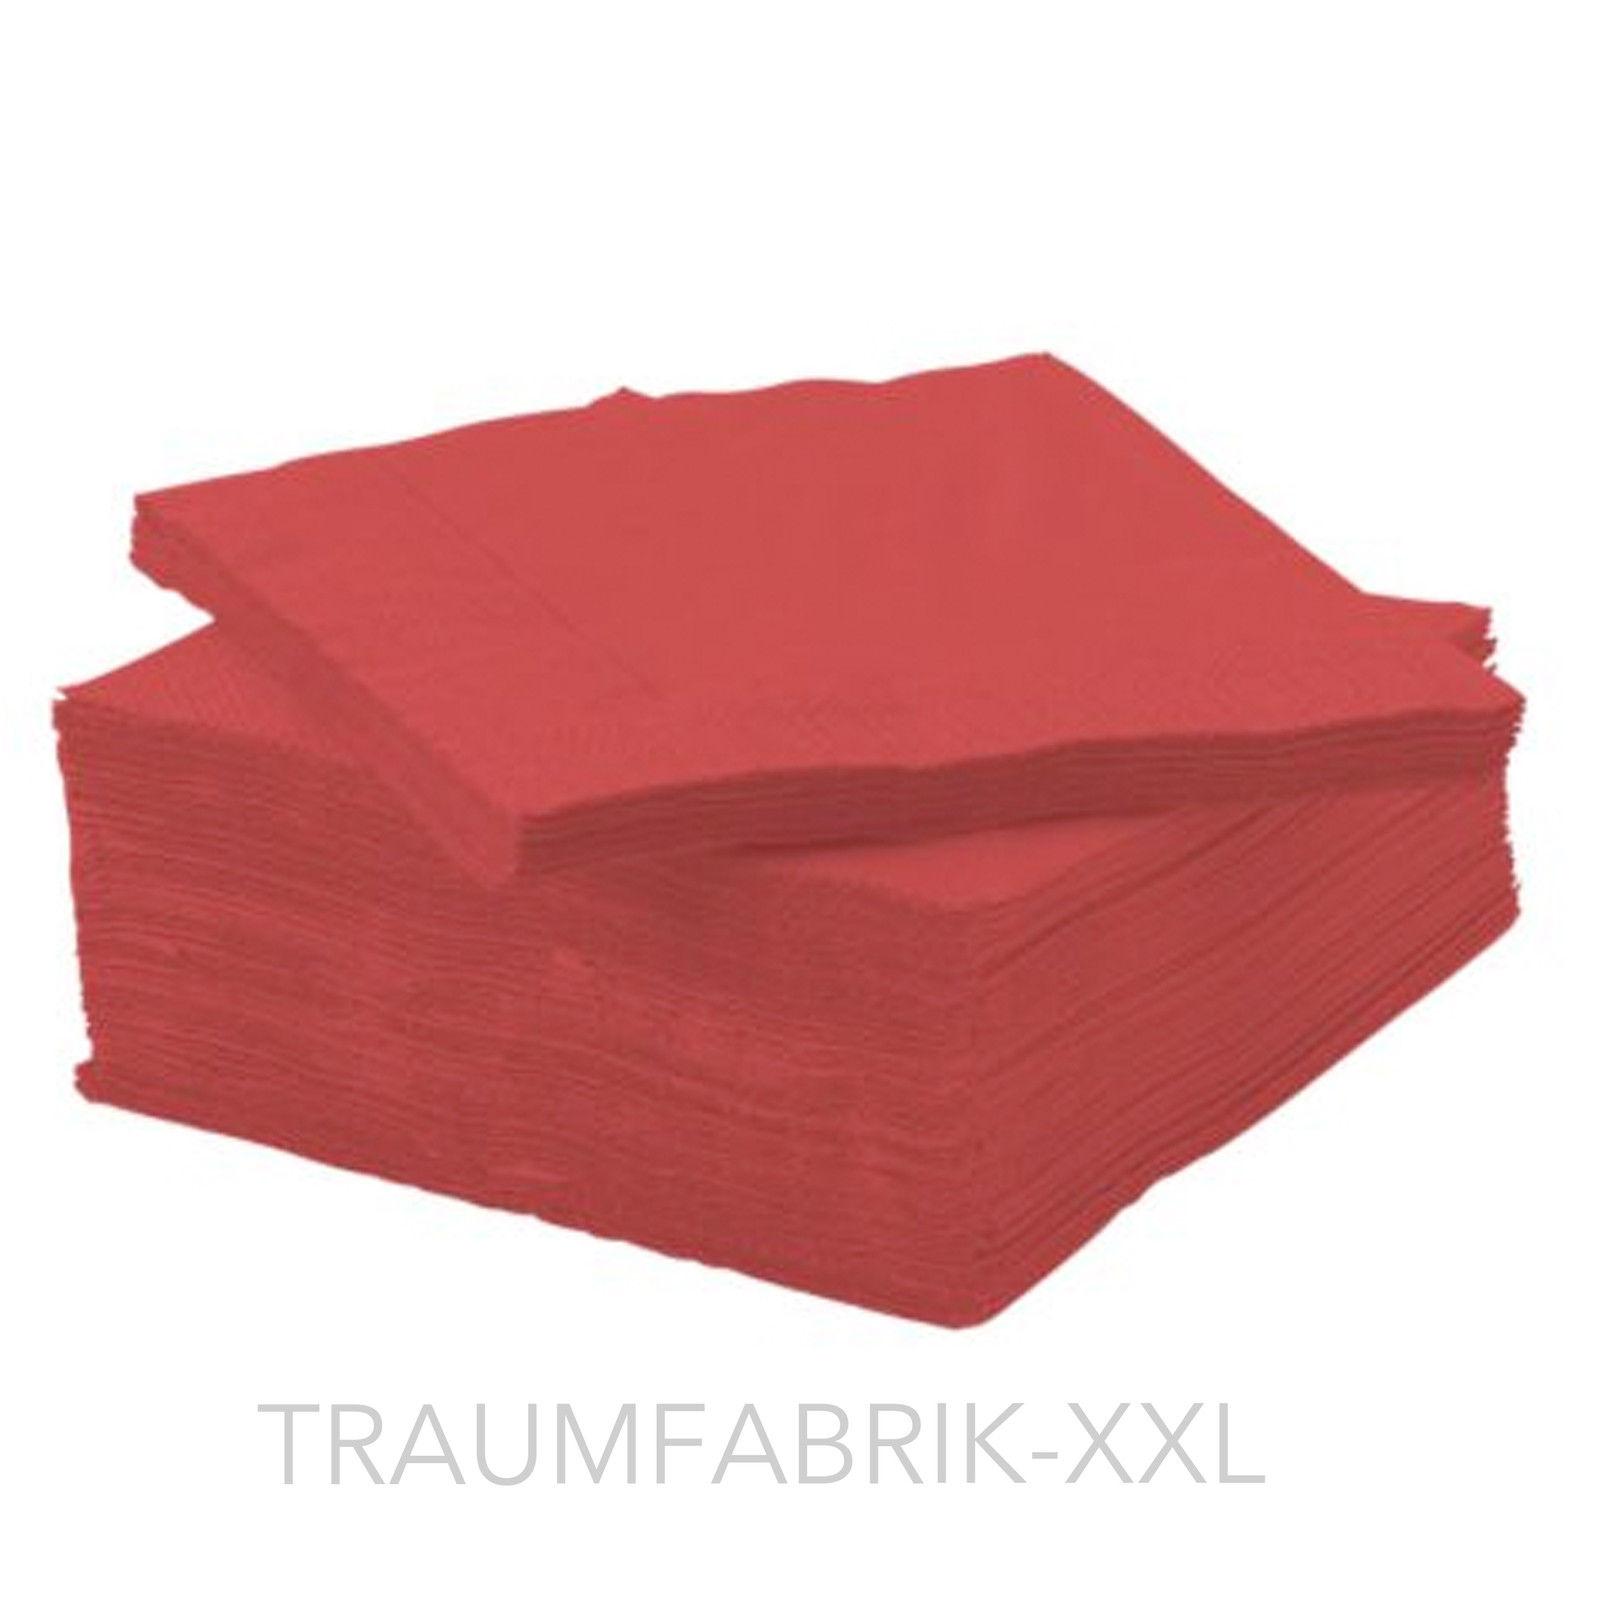 50 servietten rot uni 24 24 cm papierservietten hochzeit Tischdeko gastronomie